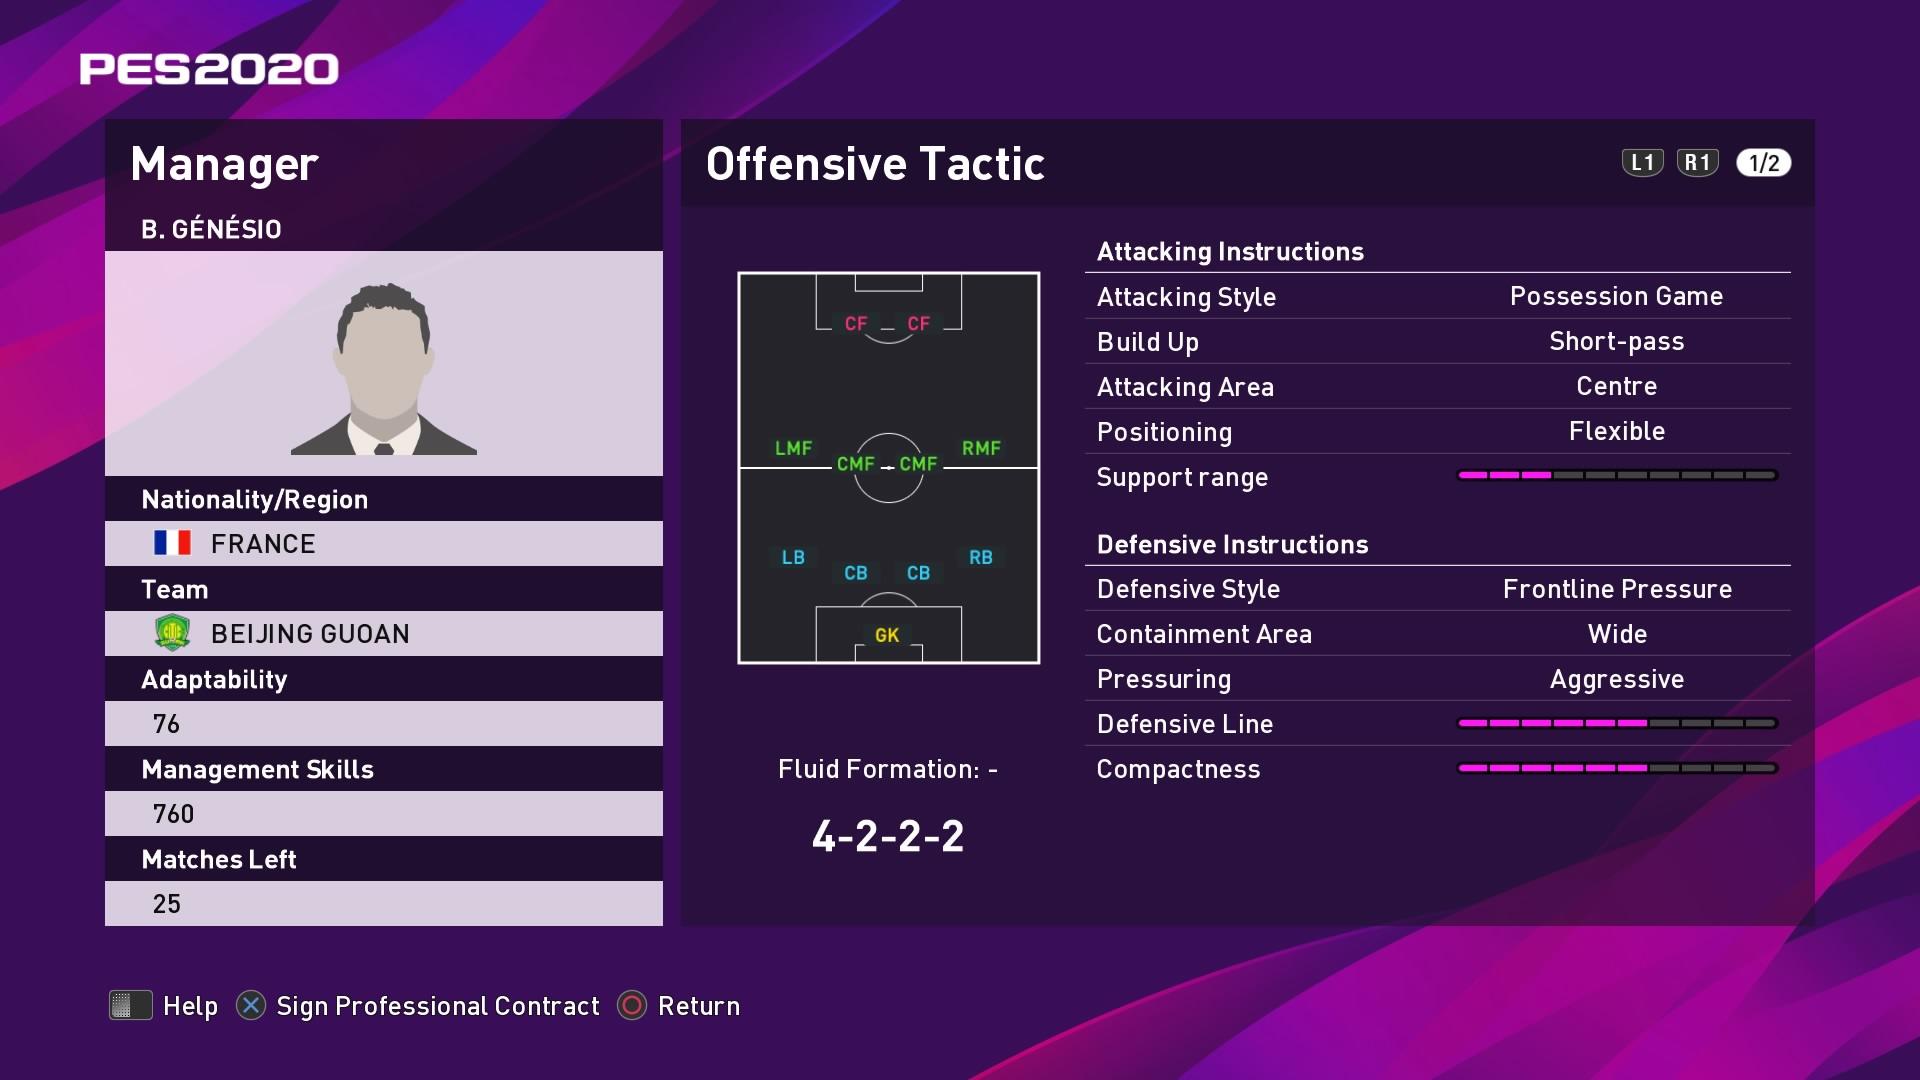 B. Génésio (Bruno Génésio) Offensive Tactic in PES 2020 myClub